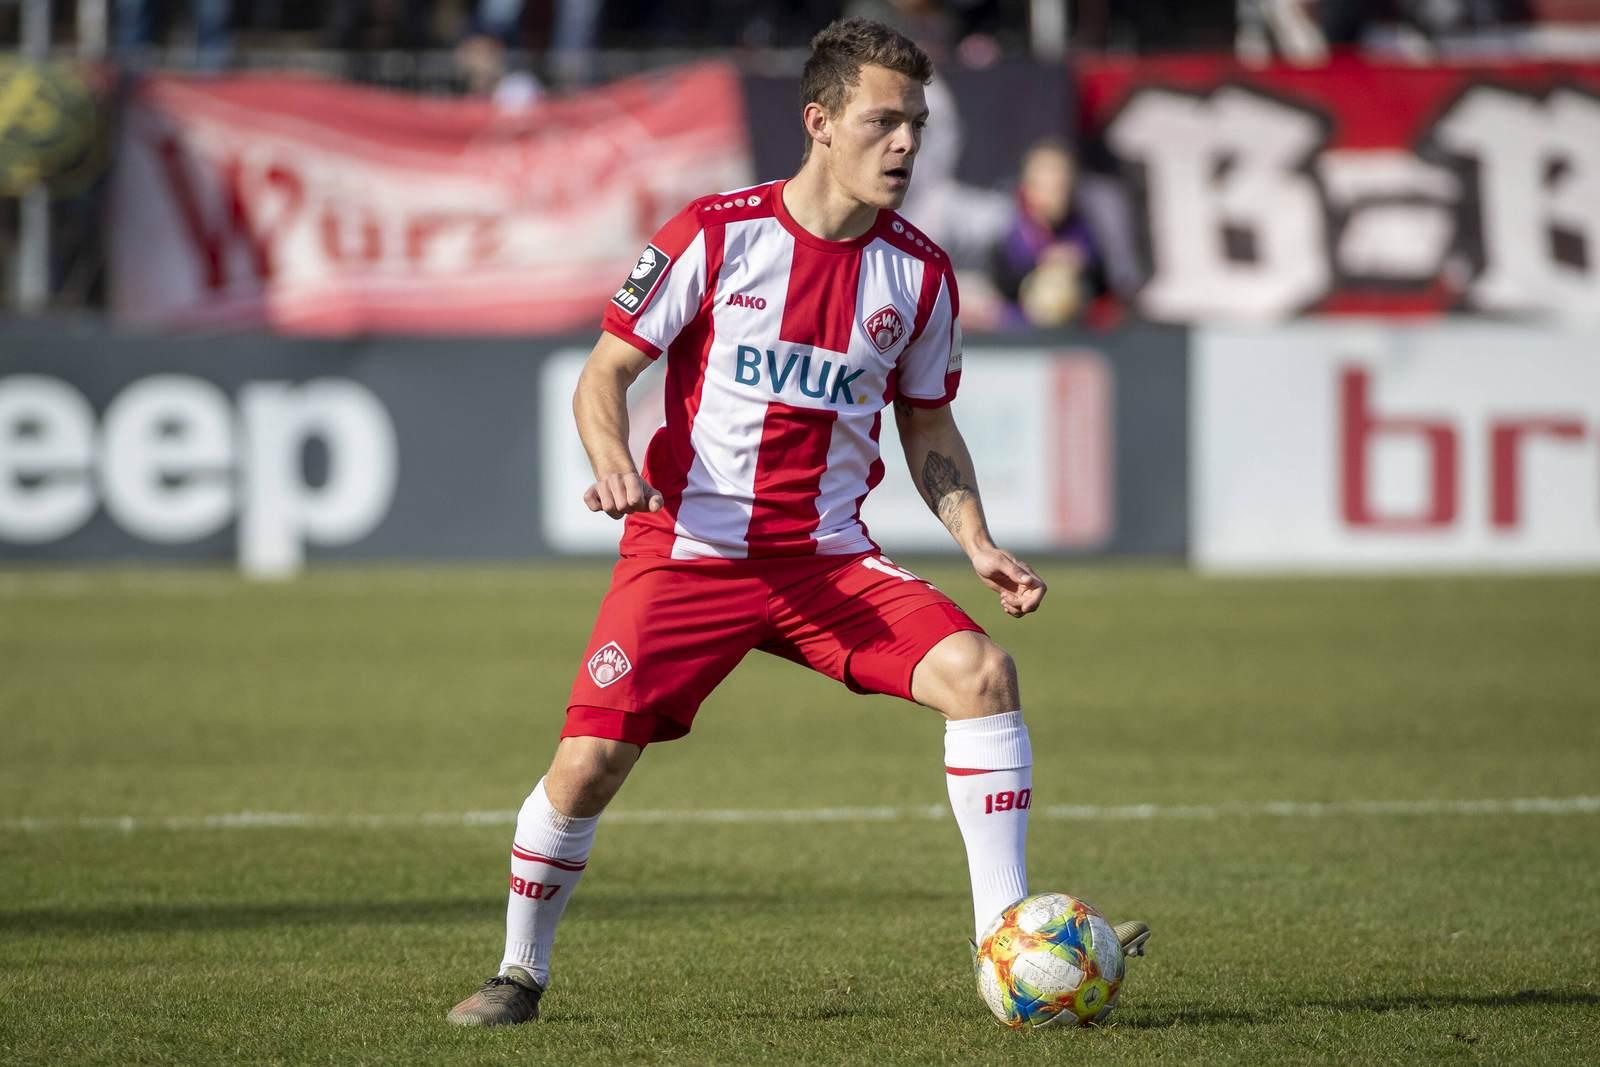 Patrick Sontheimer am Ball für die Würzburger Kickers